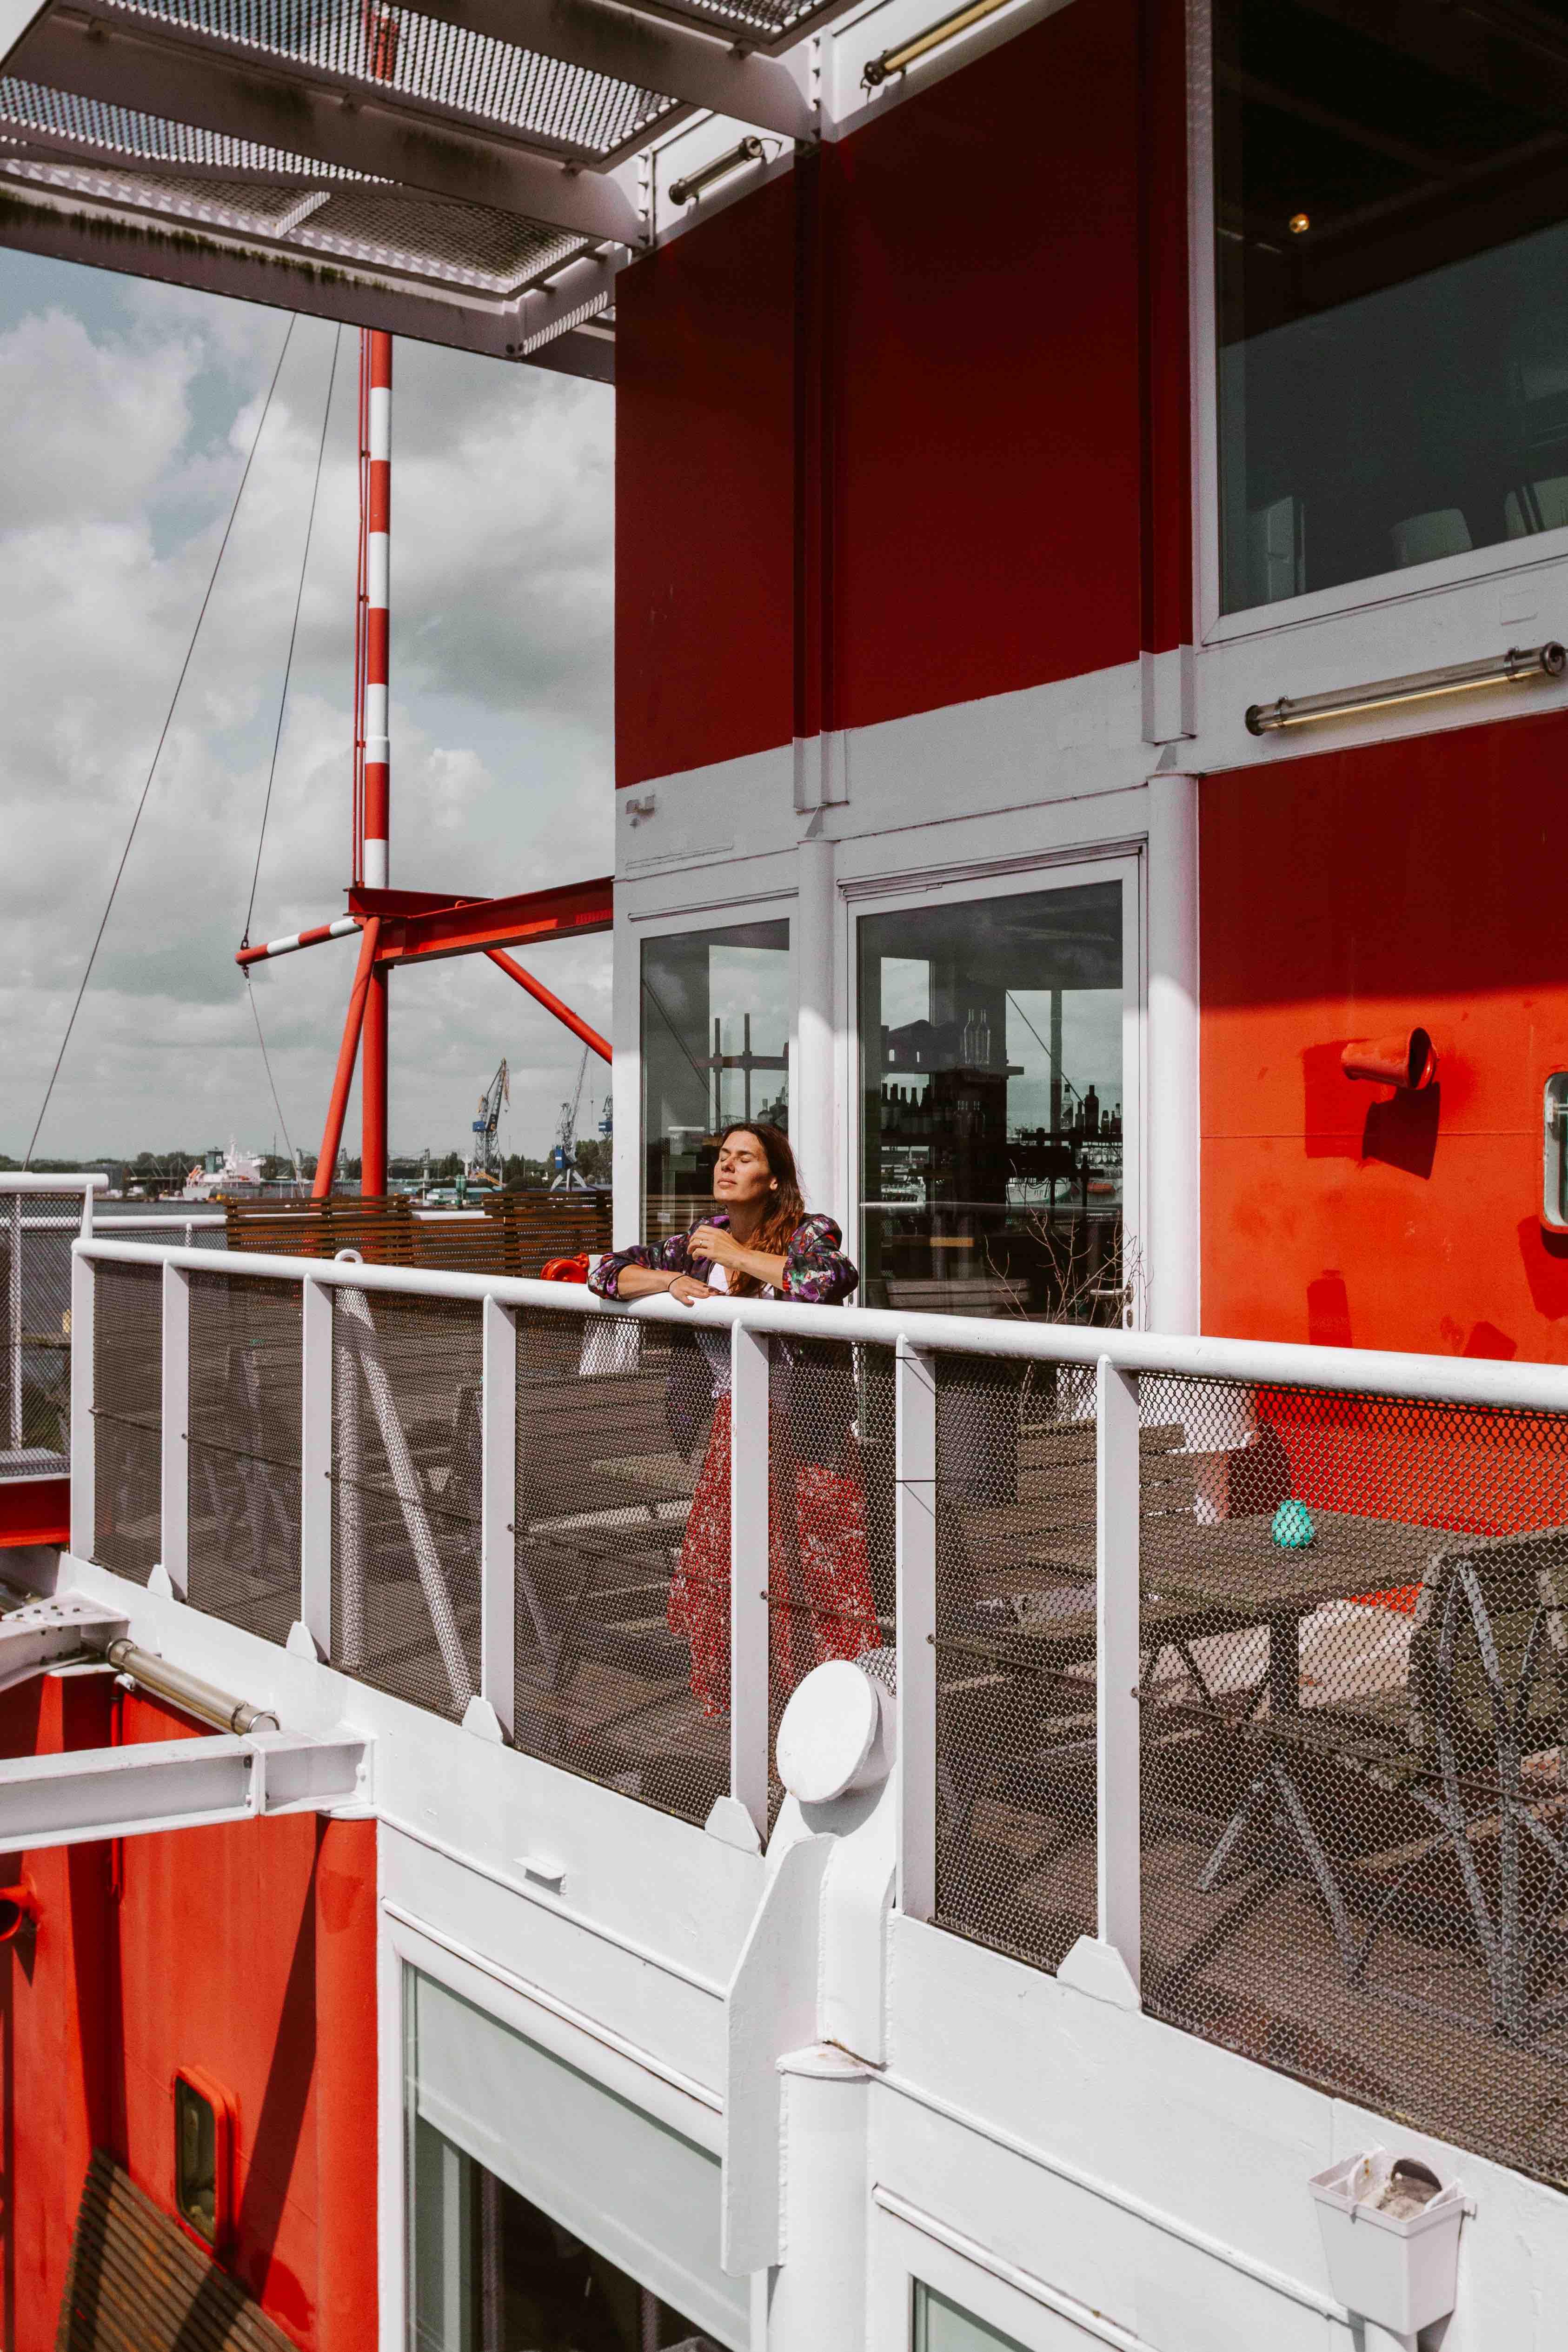 29 cose da fare ad Amsterdam: ragazza sotto al sole su piattaforma